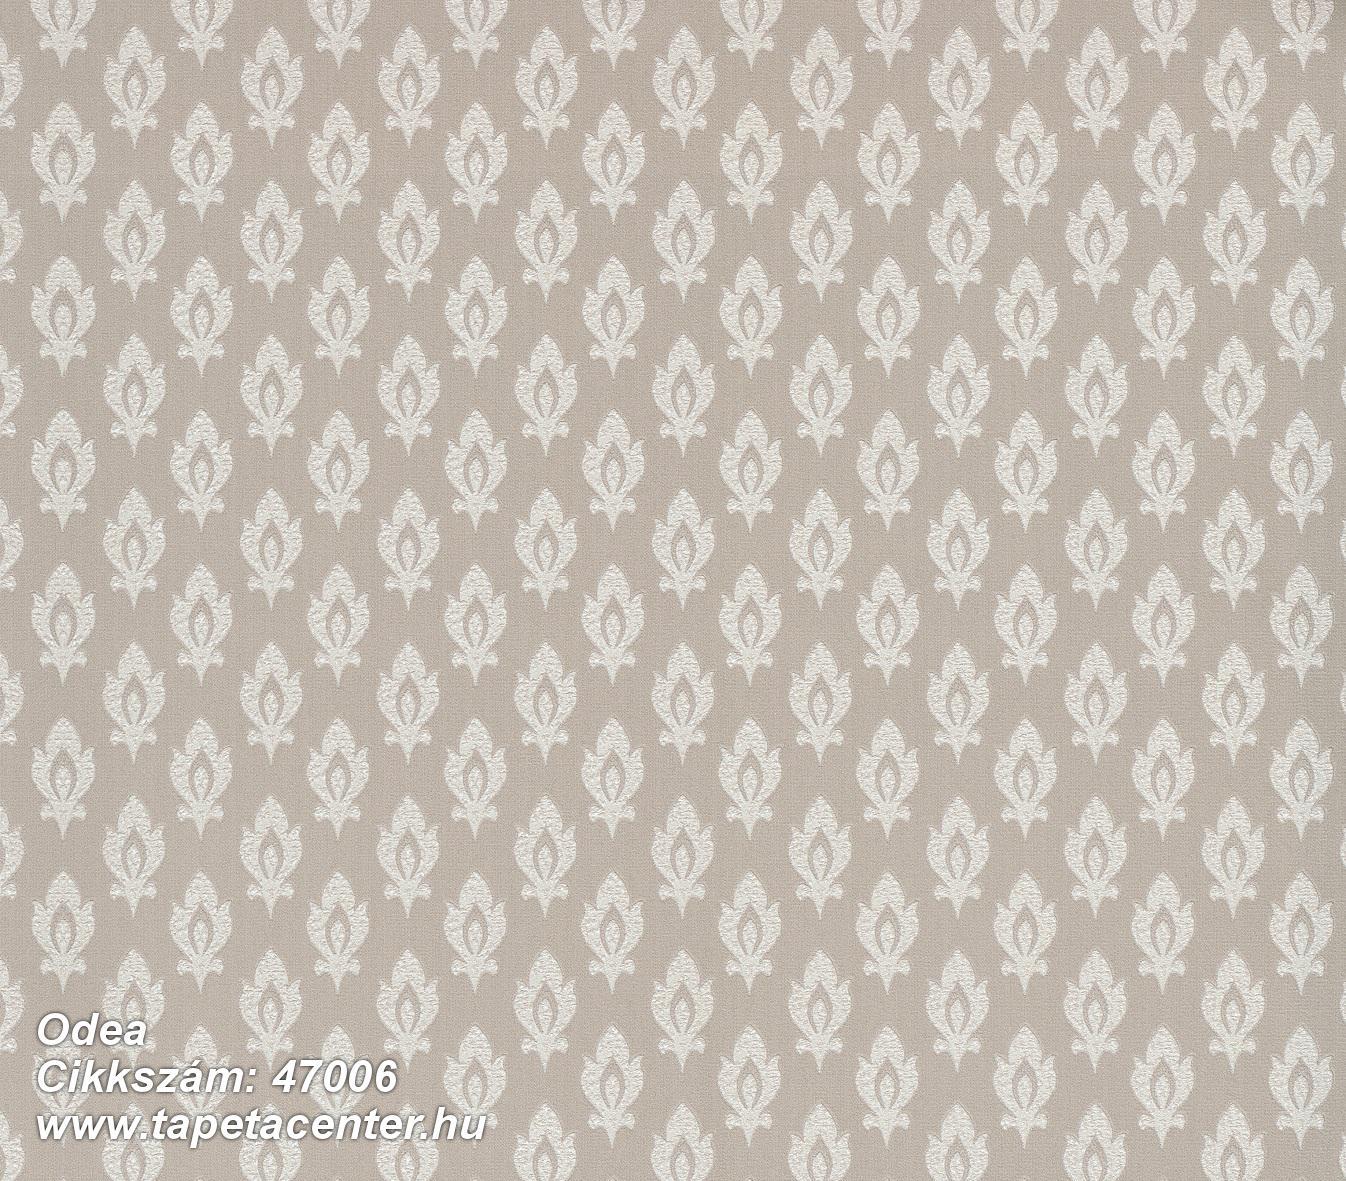 Odea - 47006 Olasz tapéta